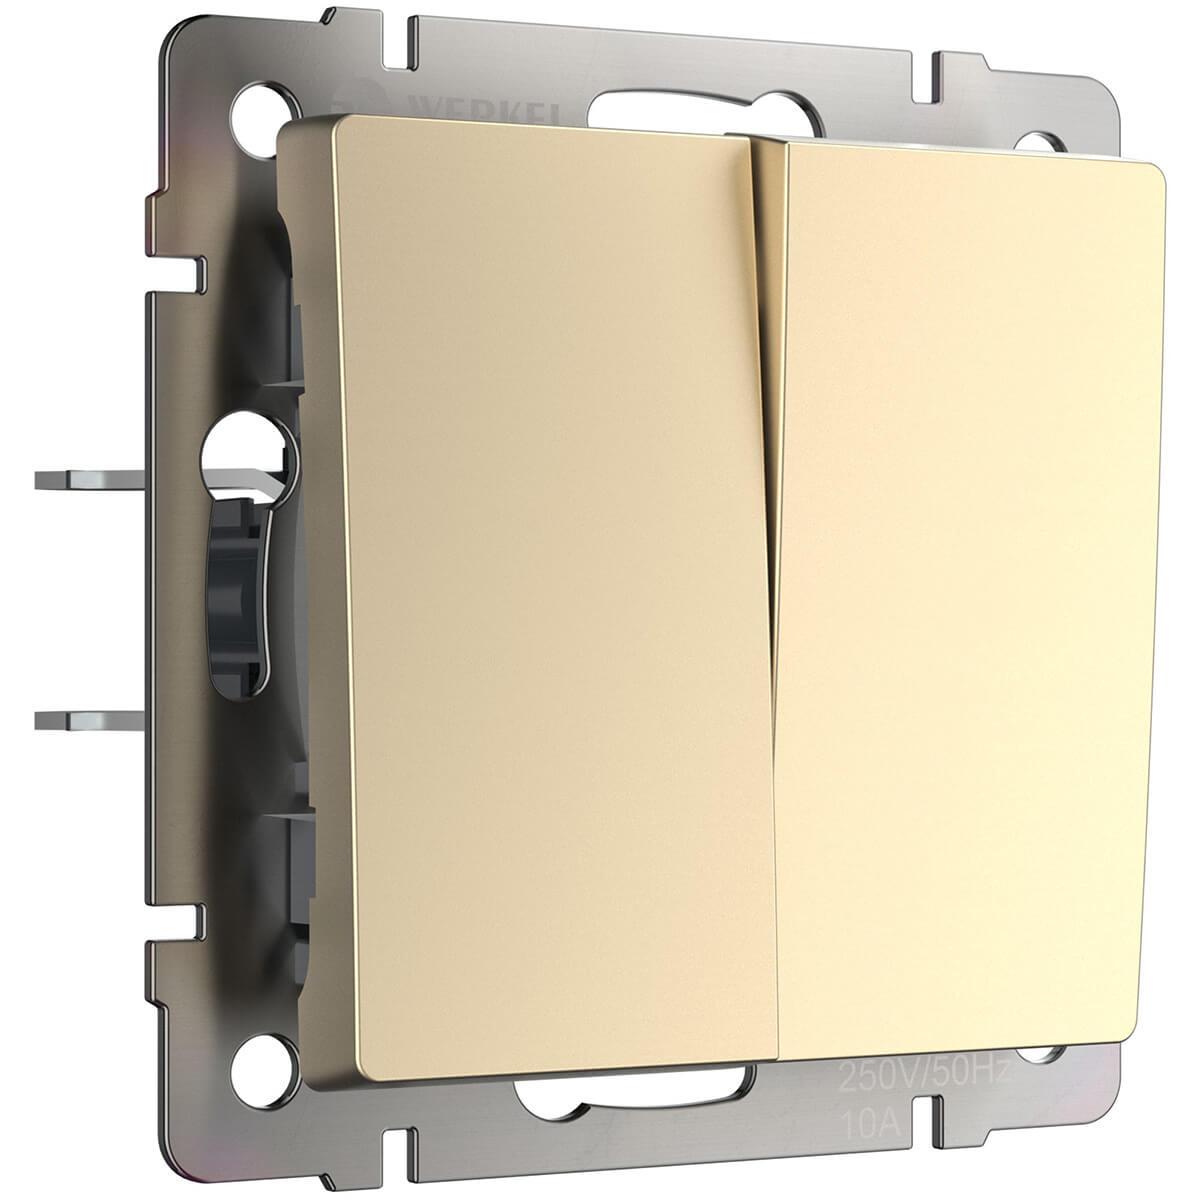 Выключатель двухклавишный проходной шампань WL11-SW-2G-2W 4690389124648 выключатель werkel двухклавишный проходной шампань wl11 sw 2g 2w золотой